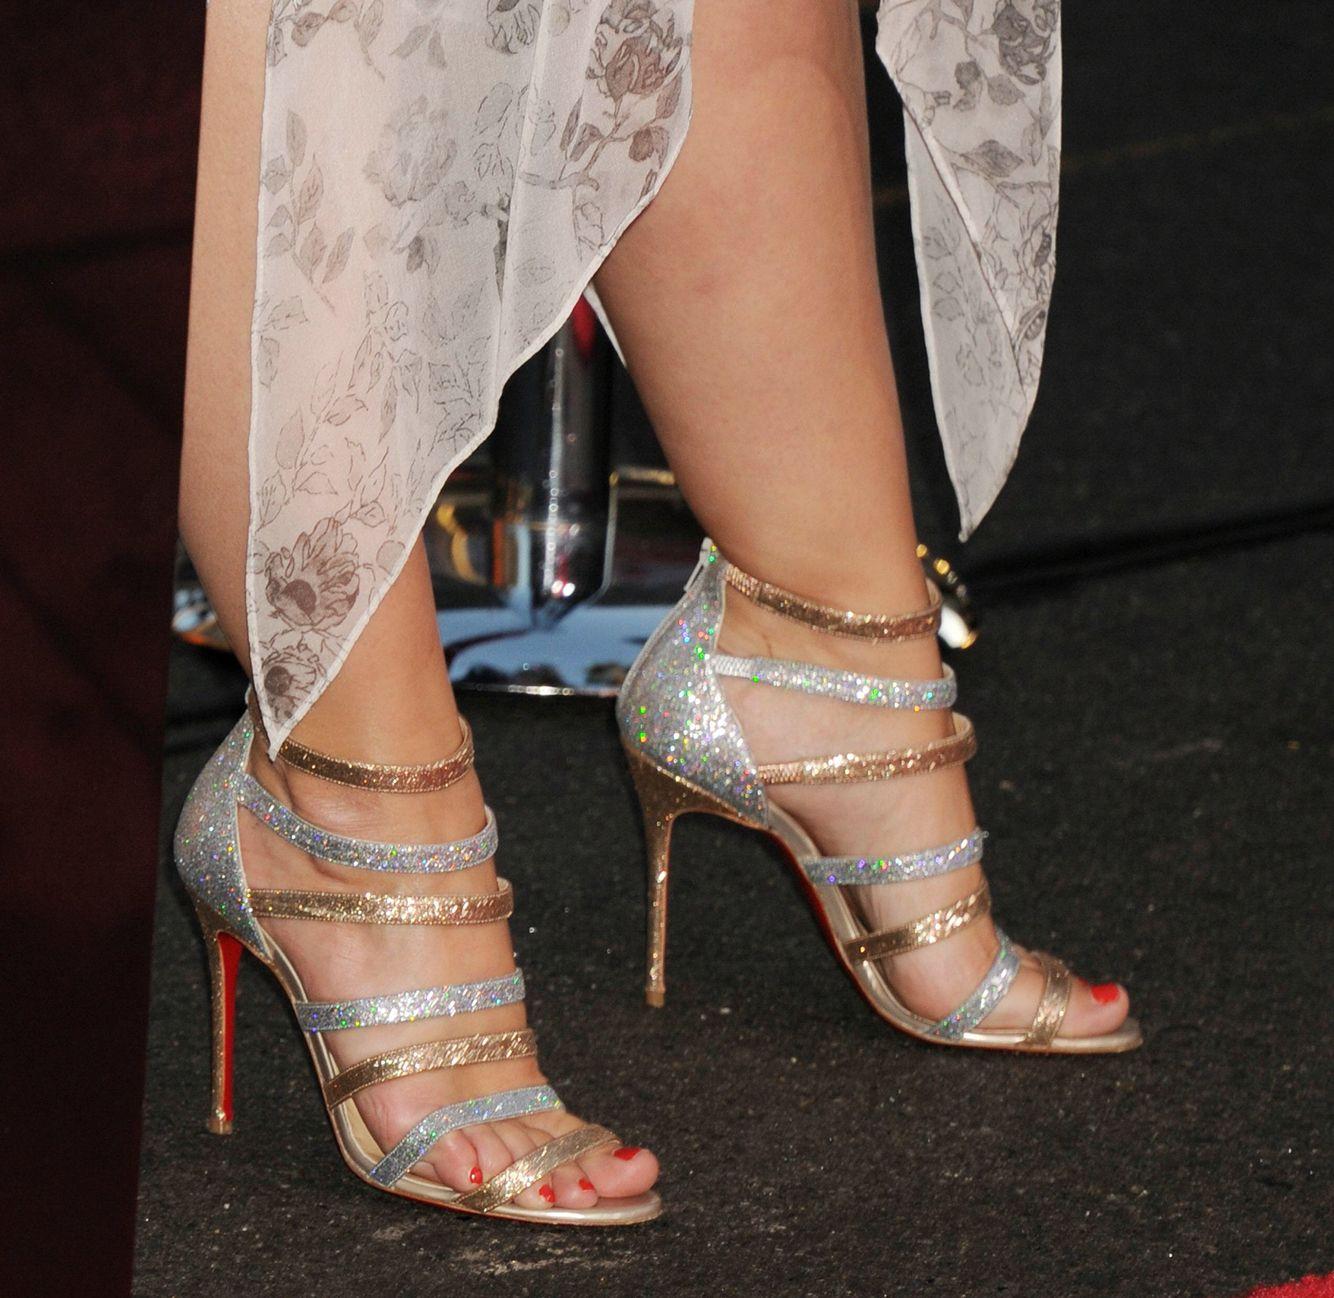 Pin By Larry Sly On Kristen Bell In 2020 Heels Kristen Bell Stiletto Heels